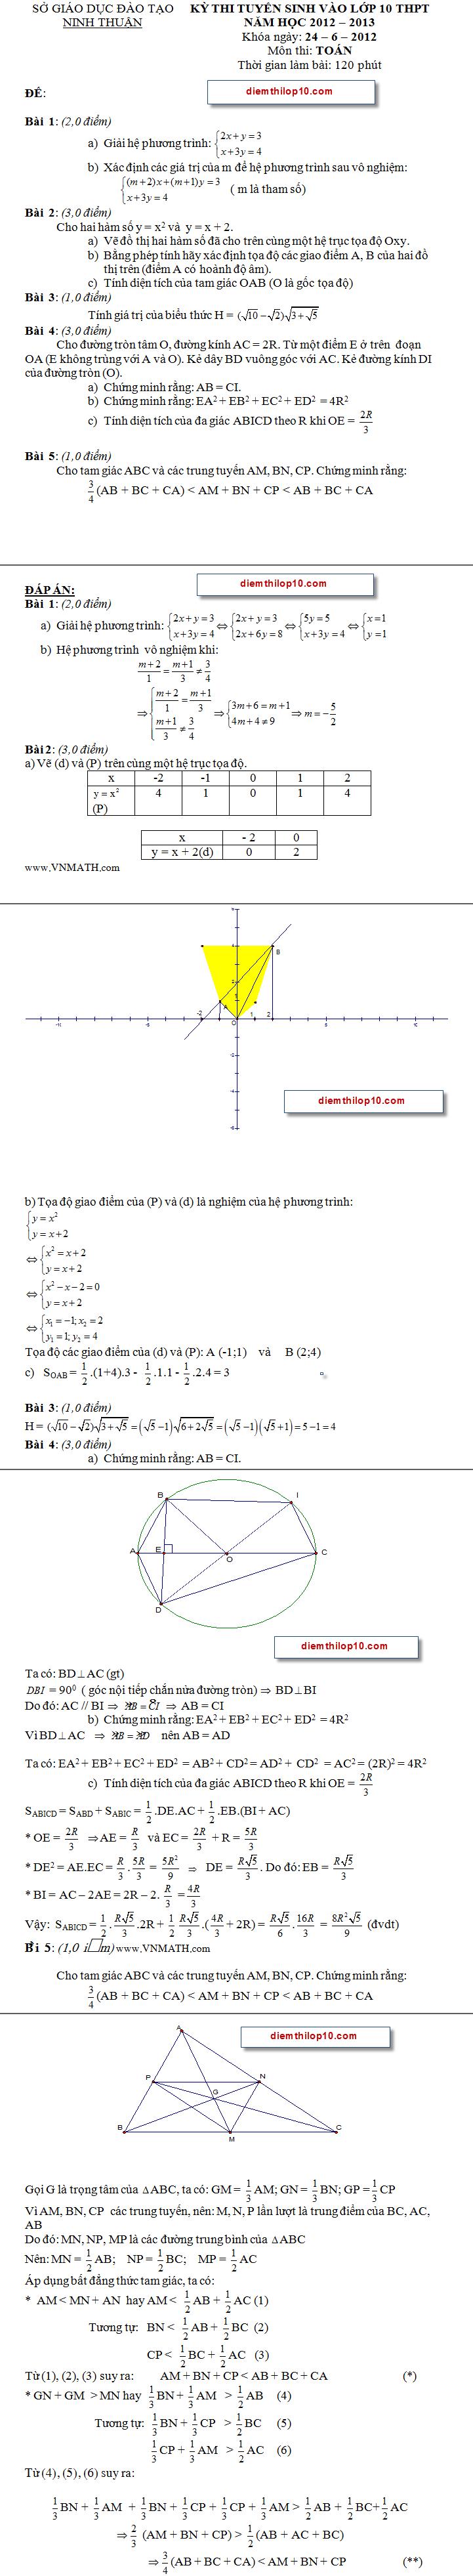 Điểm thi lớp 10 năm 2012 32cbe564e700d3576570d38b239cf204 46608919.ninhthuan Đáp án đề thi môn toán lớp 10 NINH THUẬN năm 2012